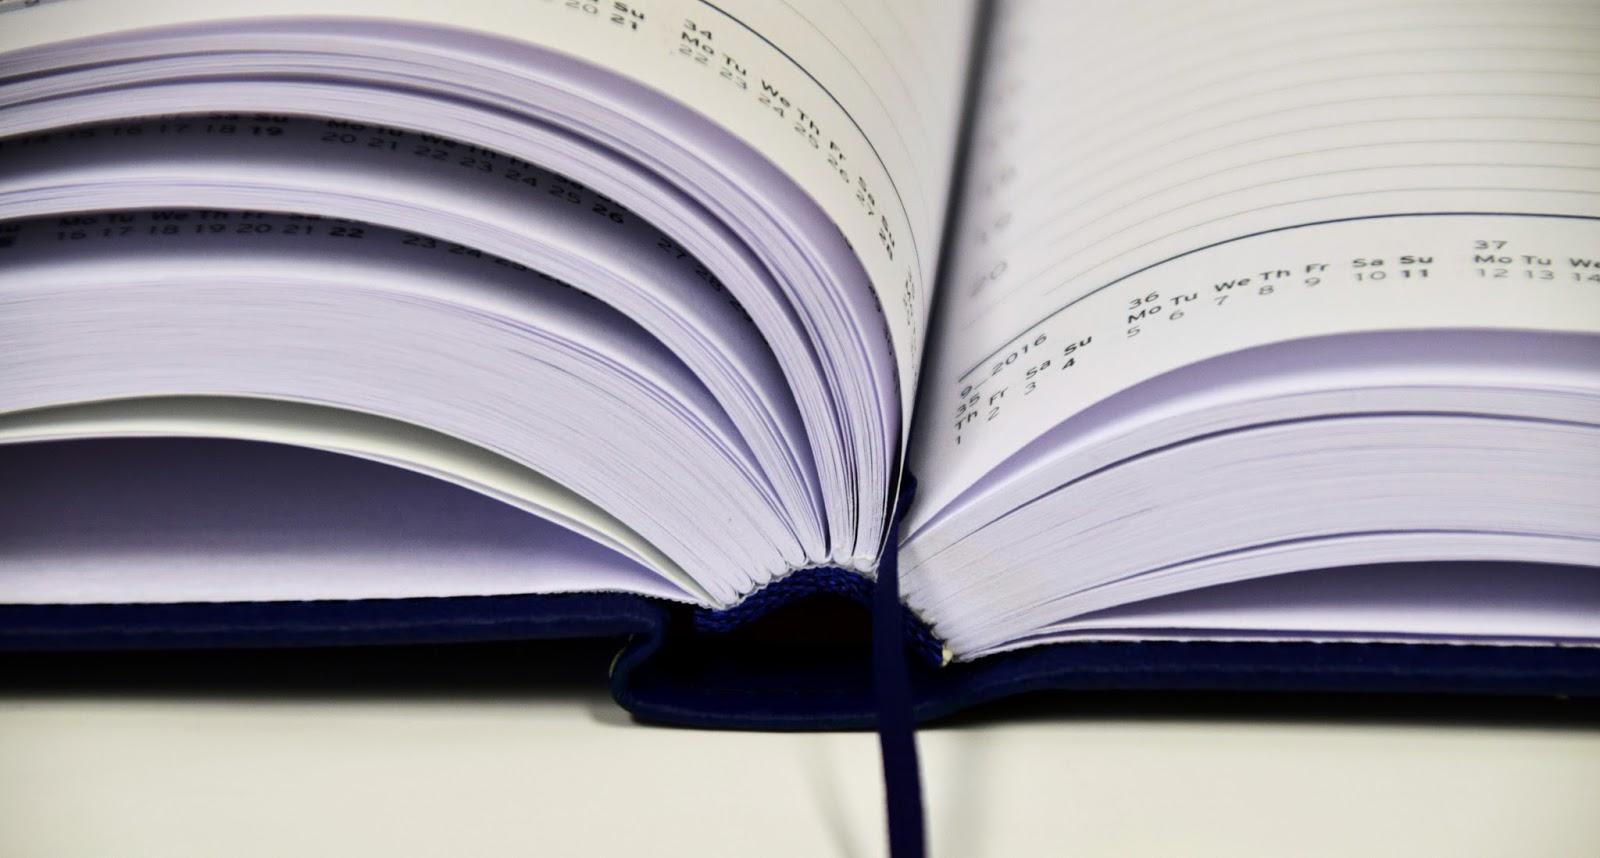 GTD Organizar Agenda Calendario Acciones Siguientes